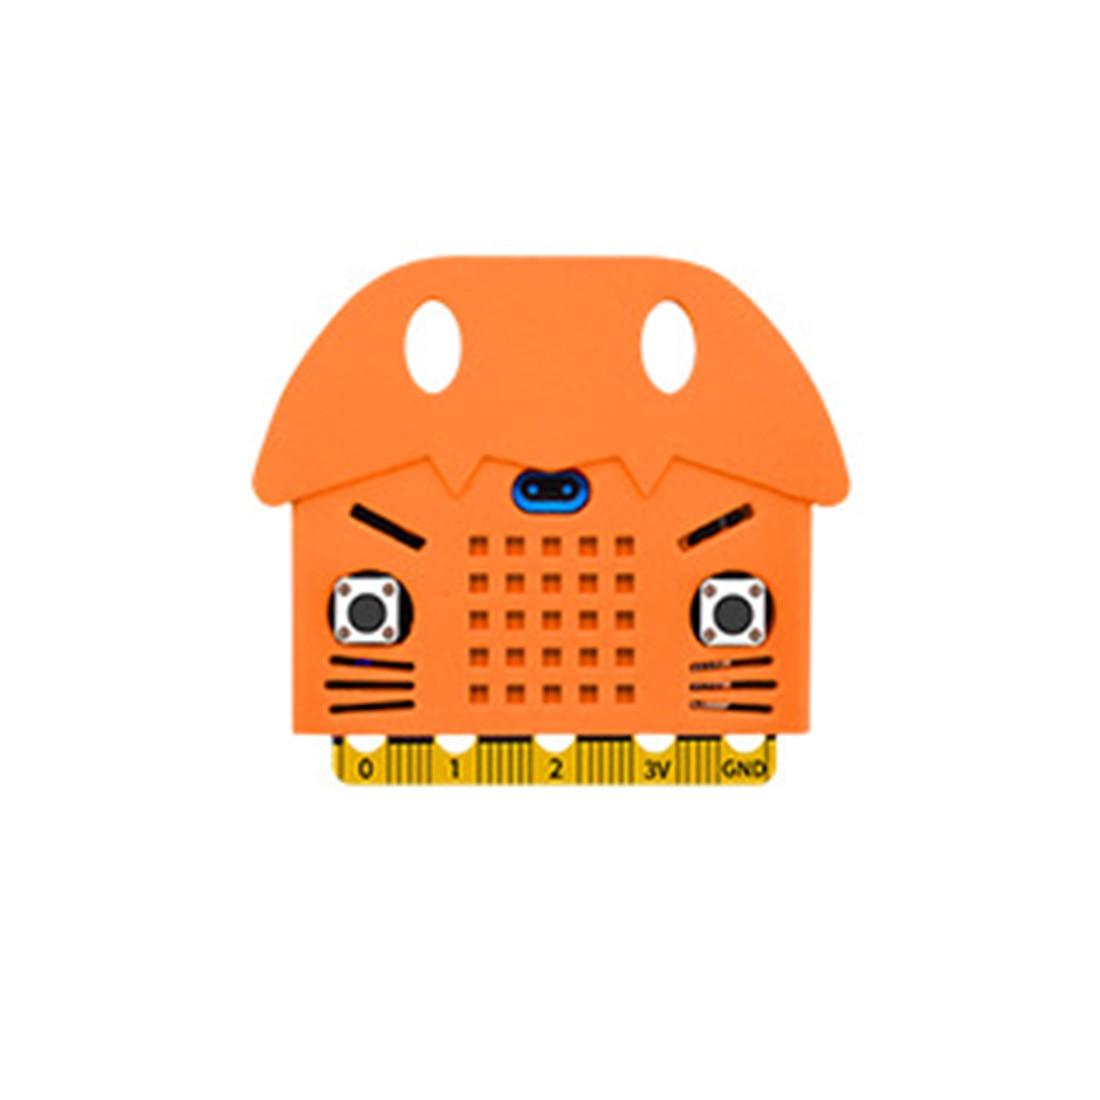 Экологичное уплотнение/тигр/в форме кота силиконовый защитный корпус Крышка корпуса для Micro: Плата расширения бита Bue/красный/оранжевый - Цвет: 3